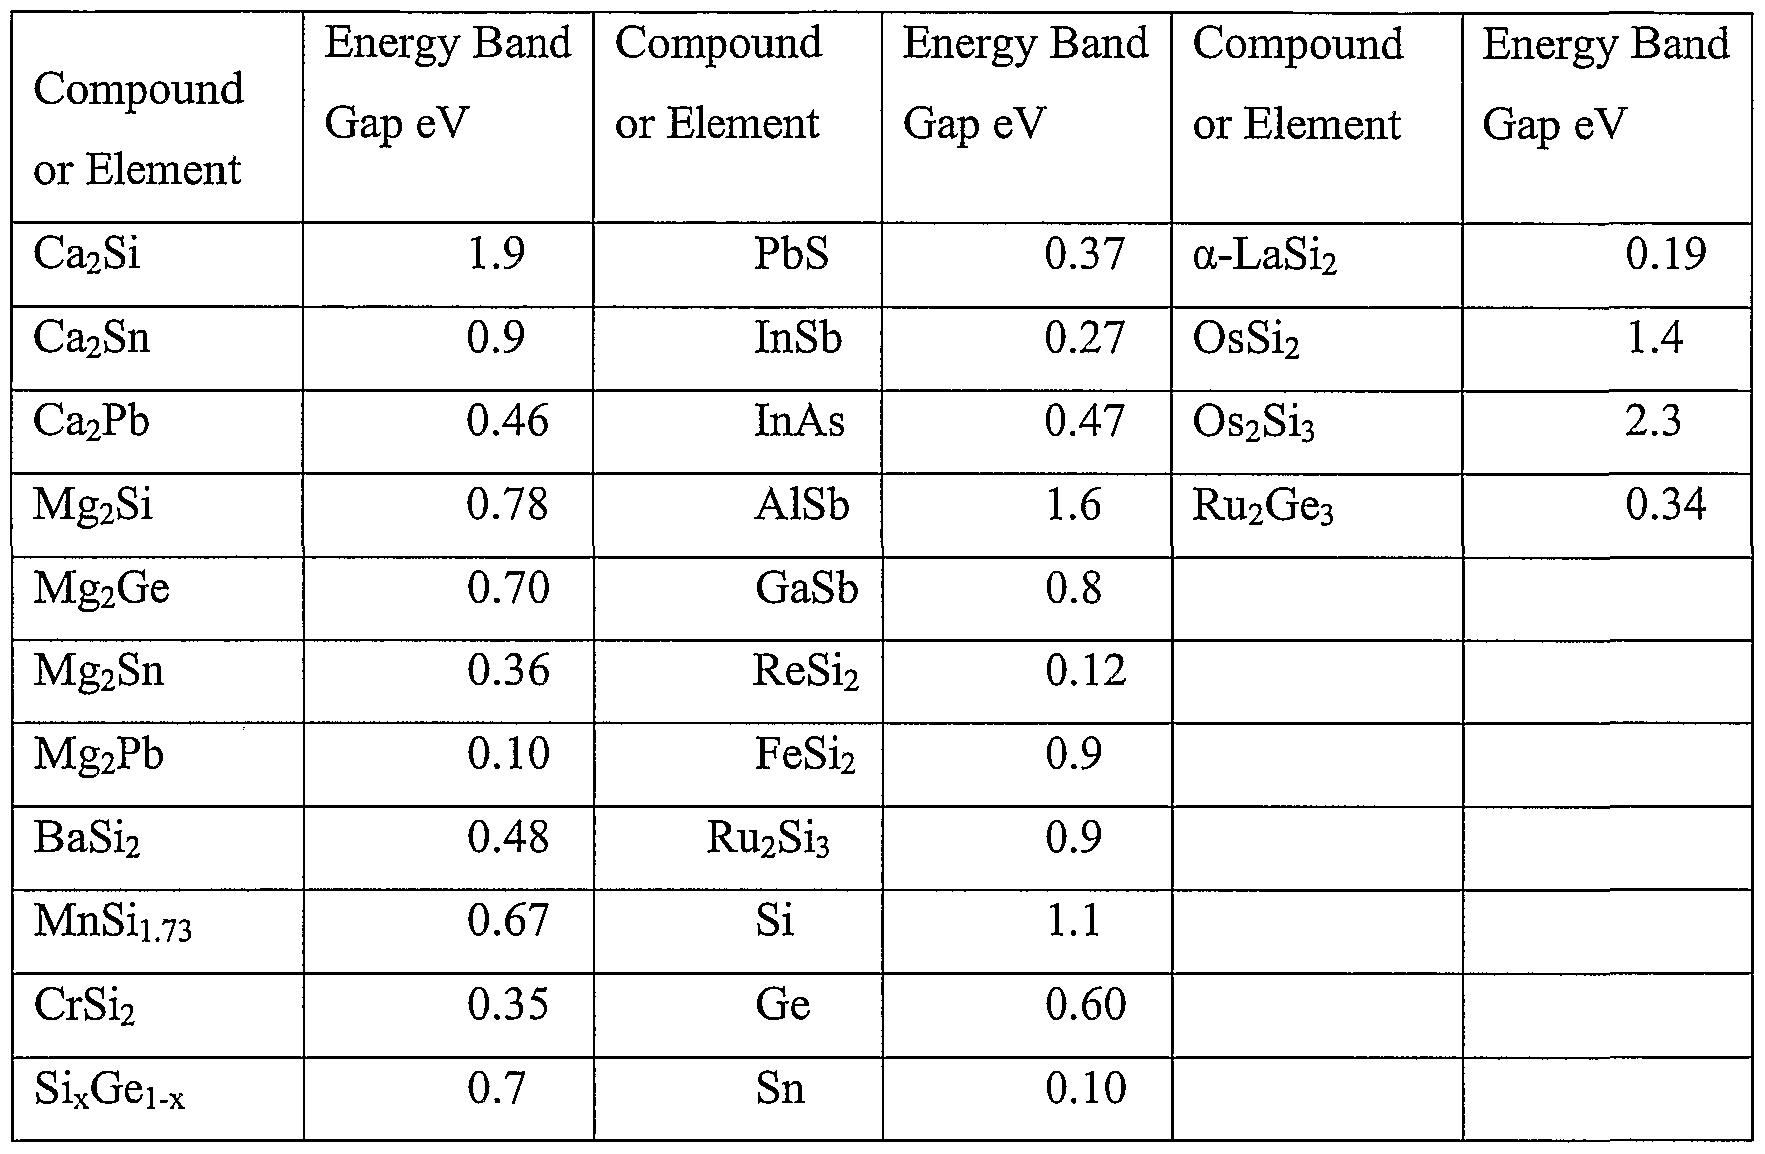 Vanadium Atomic Number so as to have high atomic